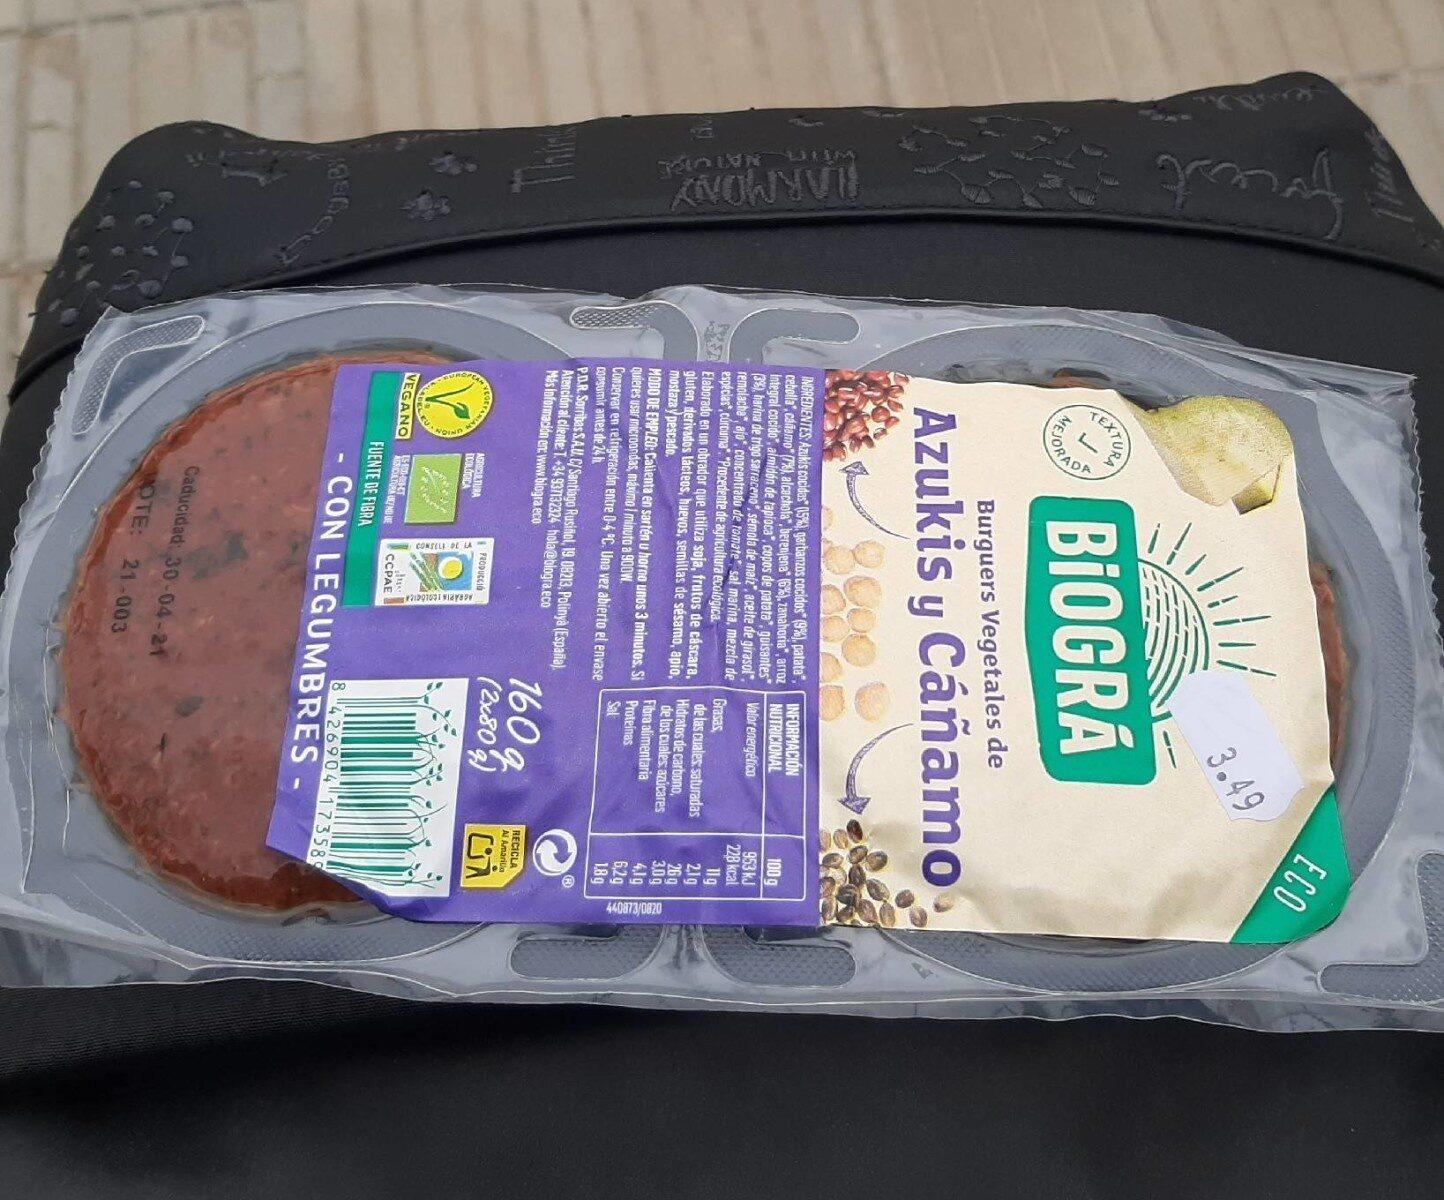 Burguers vegetales de azuquis y cáñamo - Produit - es